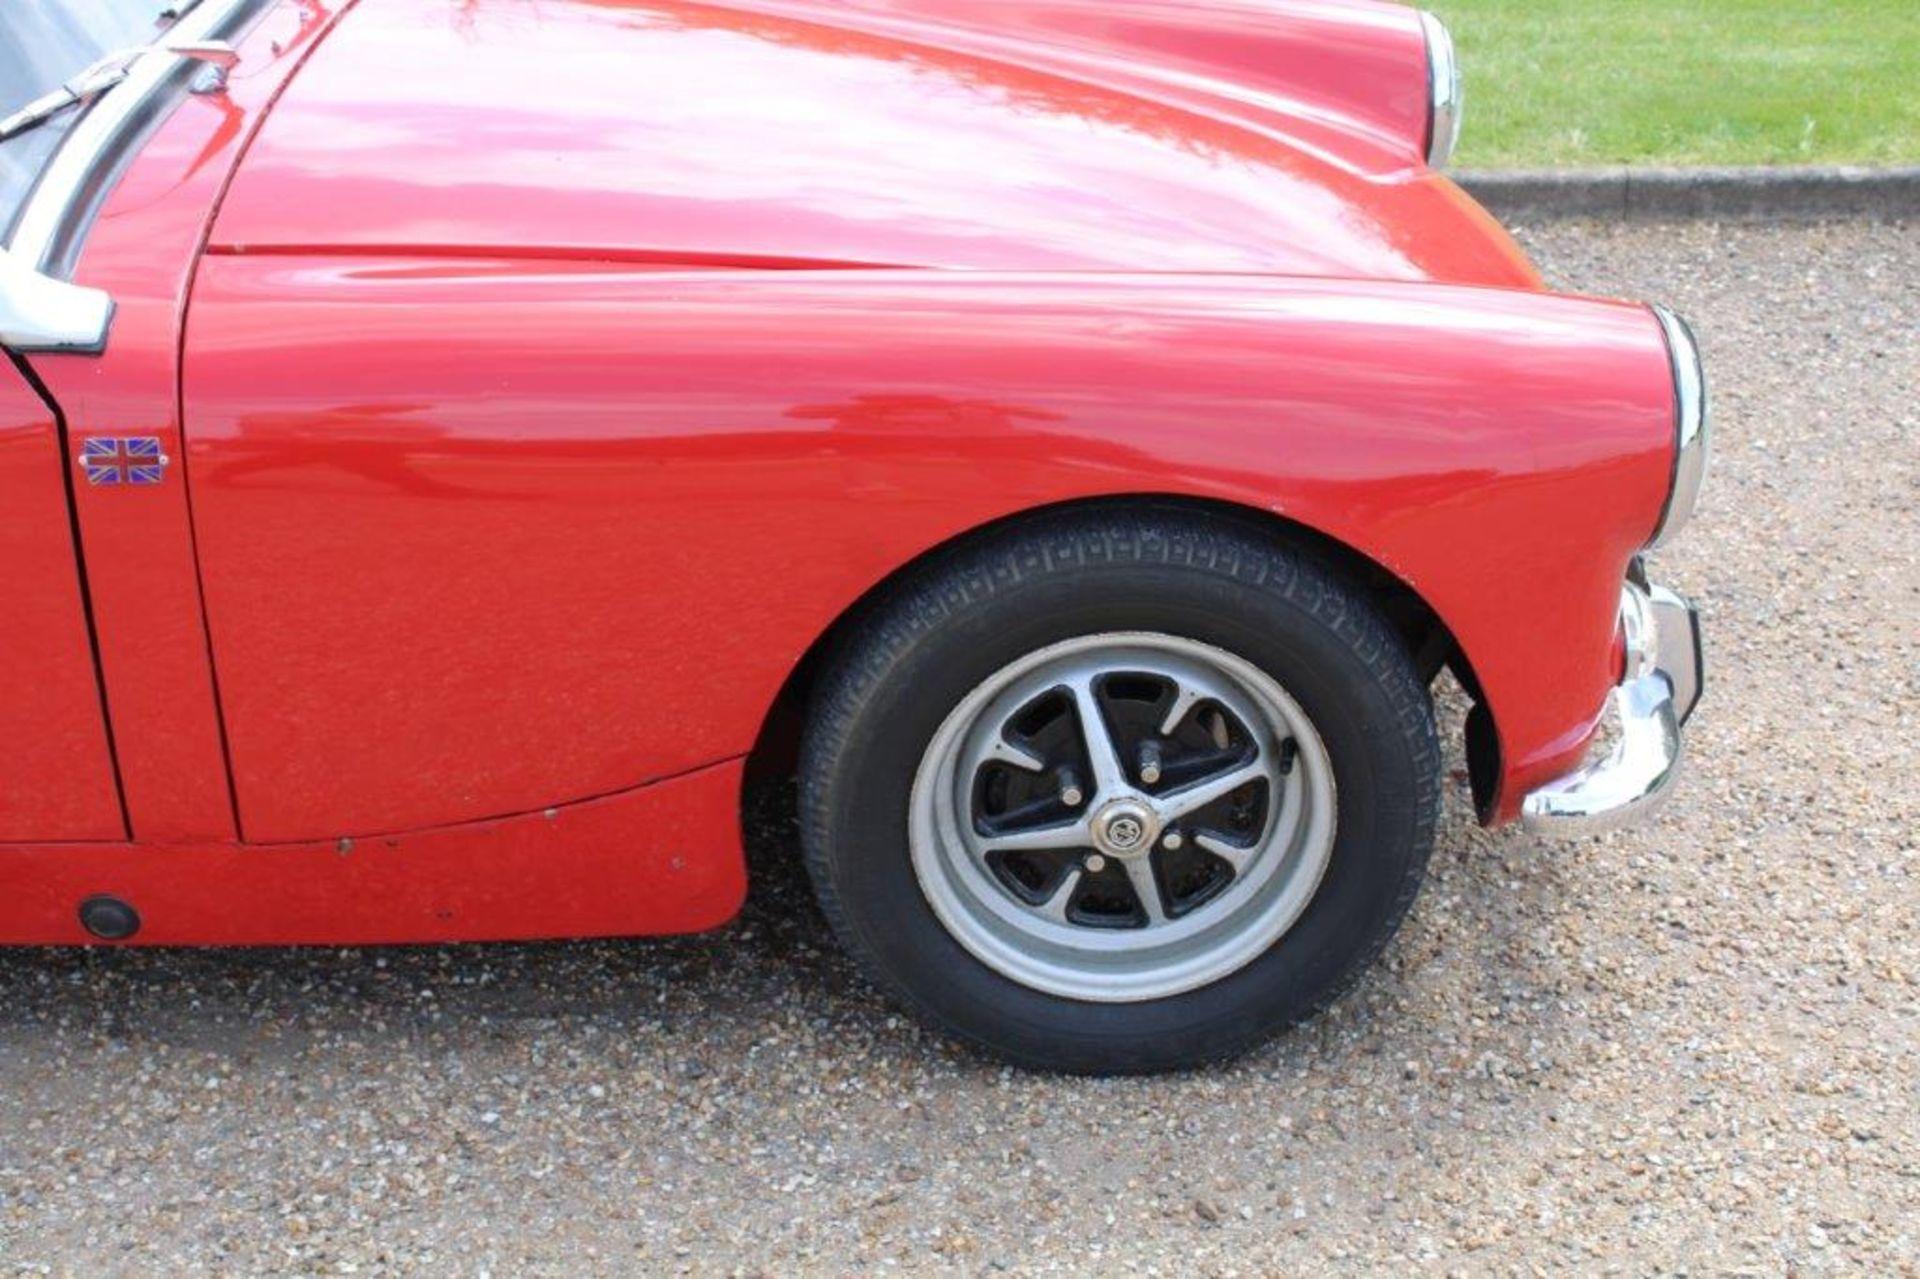 1973 MG Midget MK III - Image 10 of 25